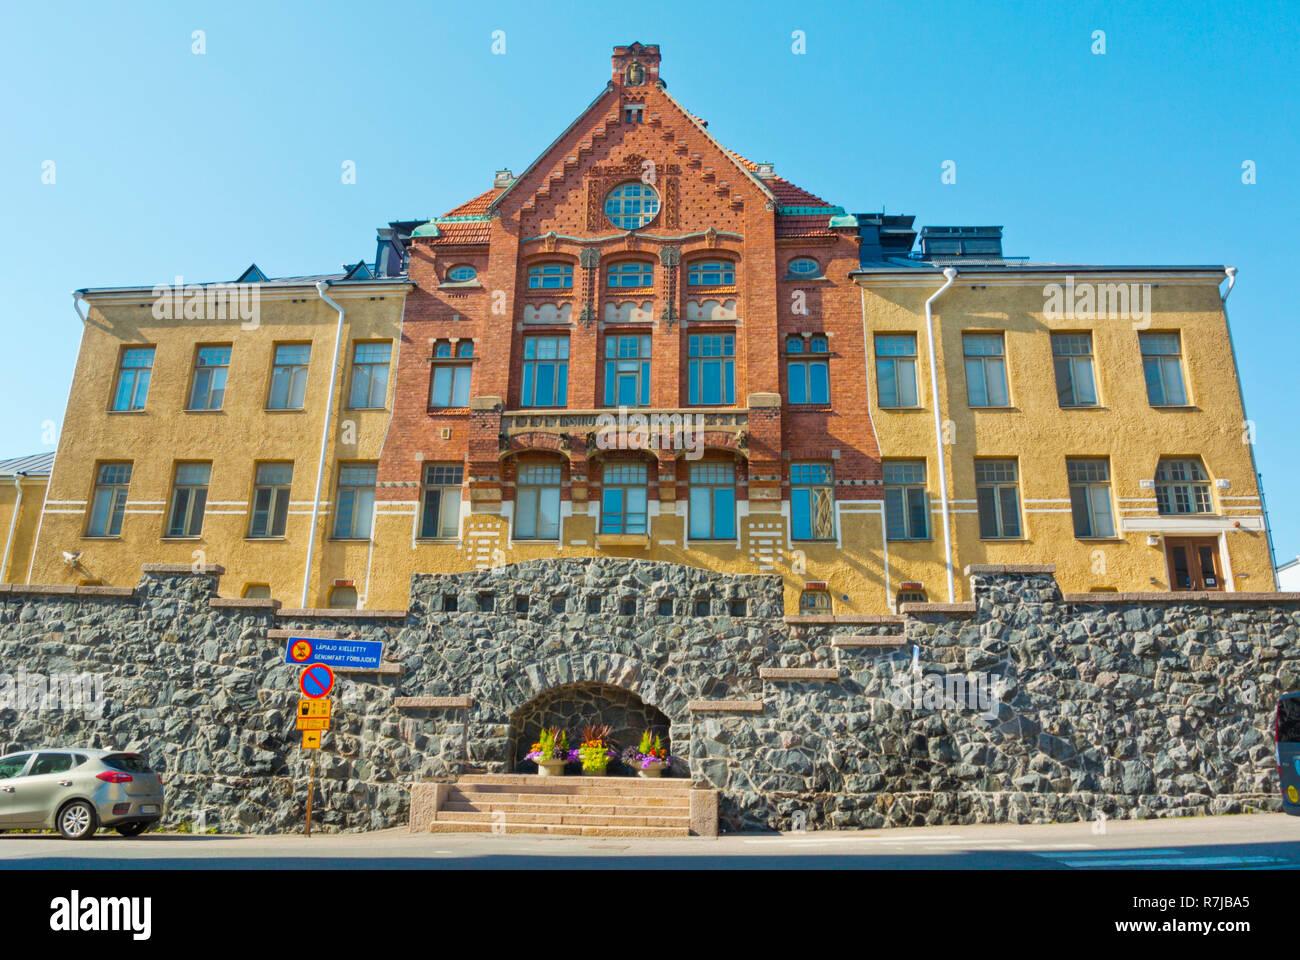 Laitos Fysiologian, Departamento de Fisiología, y Anatomian laitos, del Departamento de Anatomía de la Universidad de Helsinki, Helsinki, Finlandia Kruununhaka Imagen De Stock